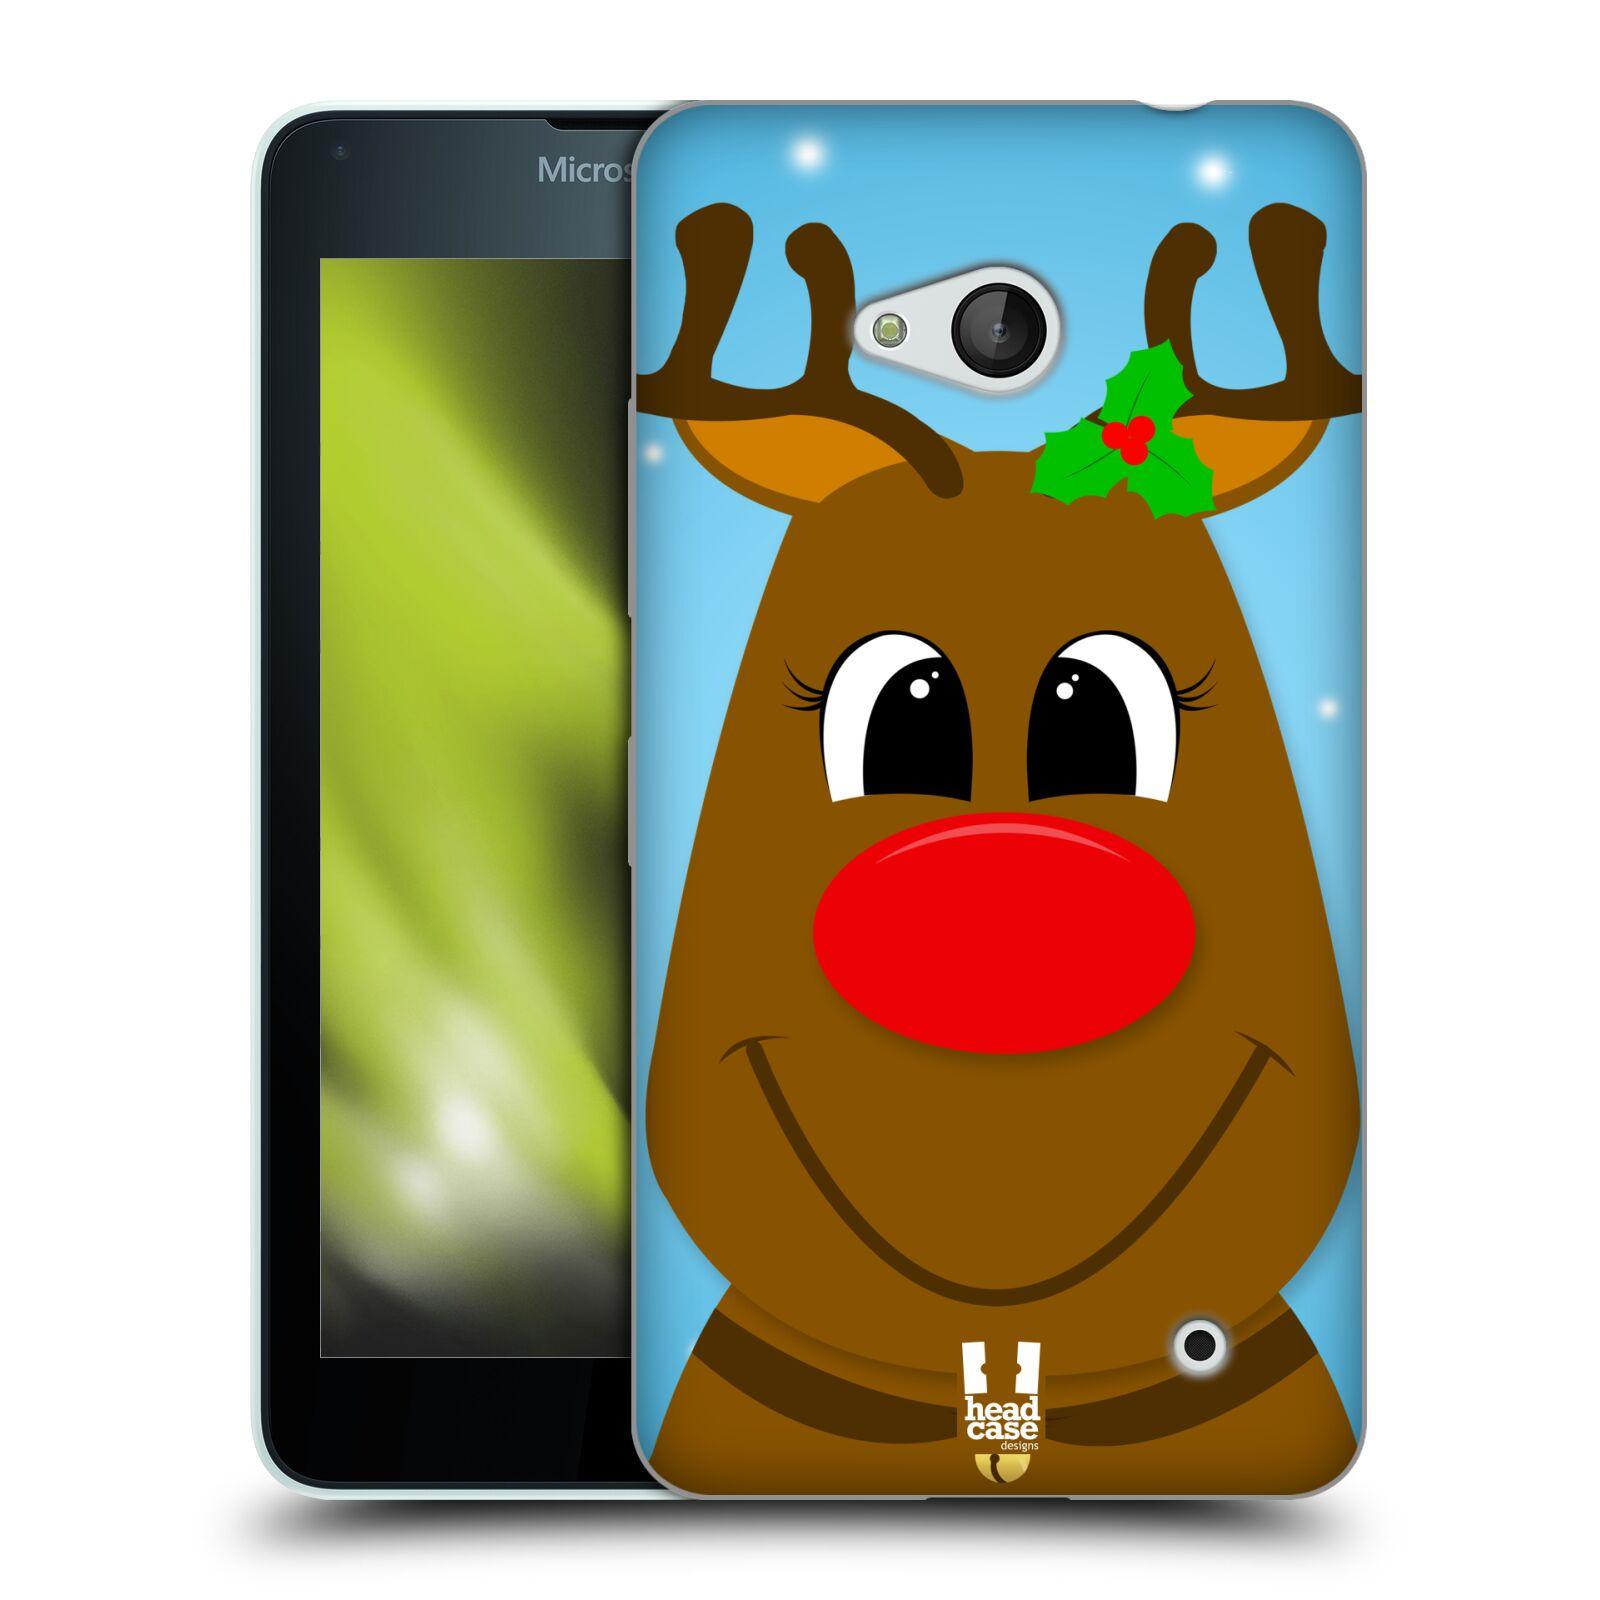 HEAD CASE silikonový obal na mobil Microsoft / Nokia Lumia 640 / Lumia 640 DUAL vzor Vánoční tváře kreslené SOB RUDOLF